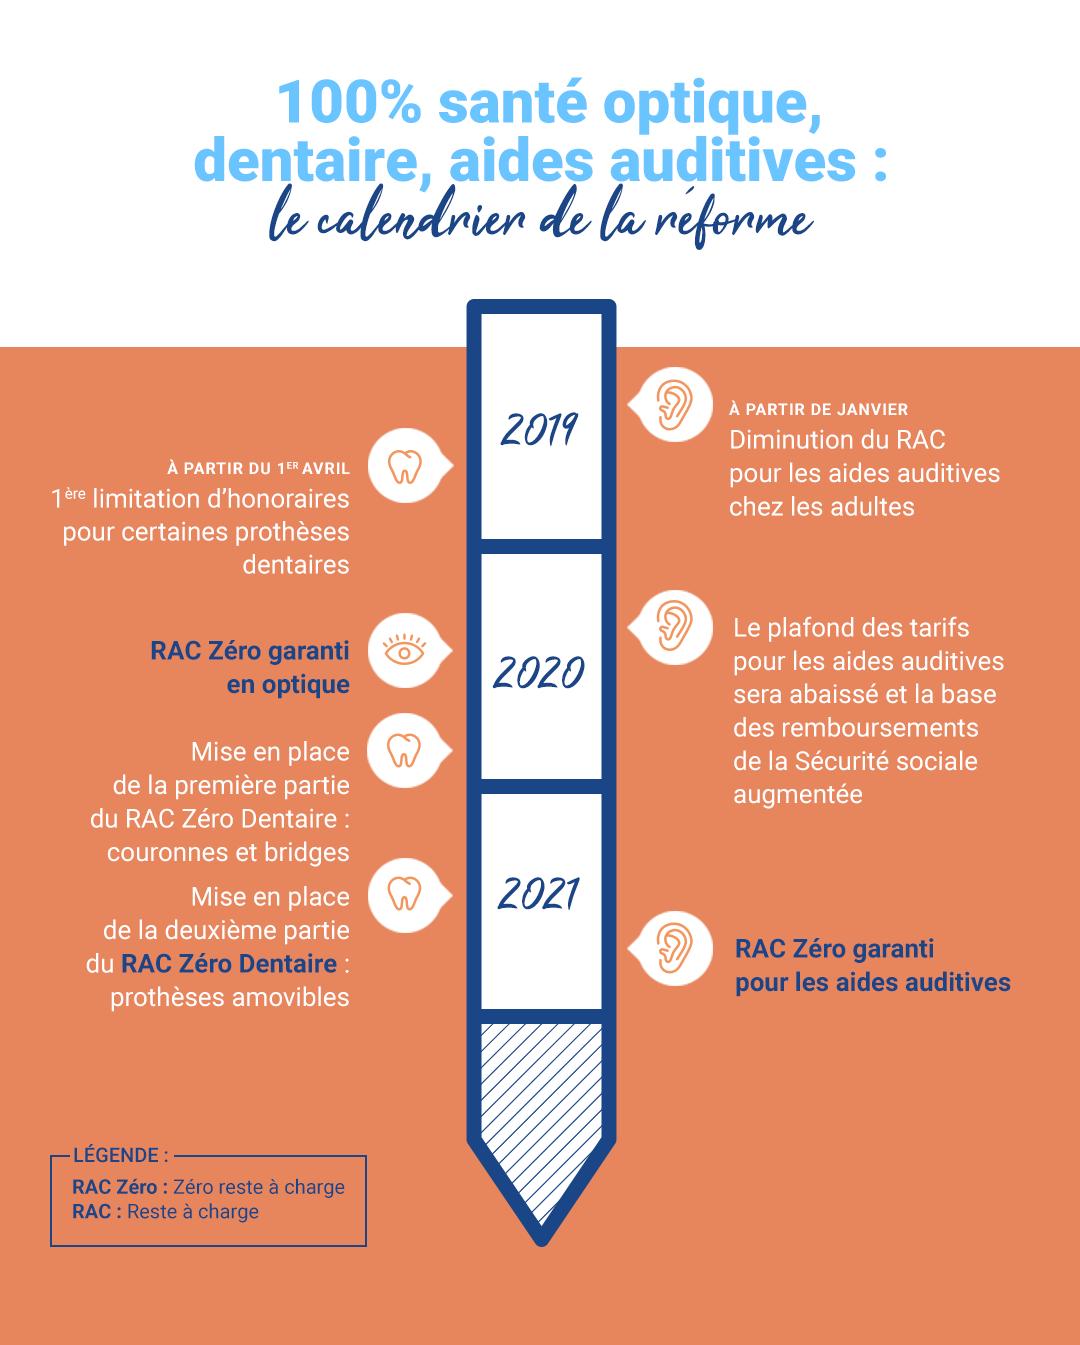 gmf-calendrier-100-sante.png (Calendrier GMF 100% santé)